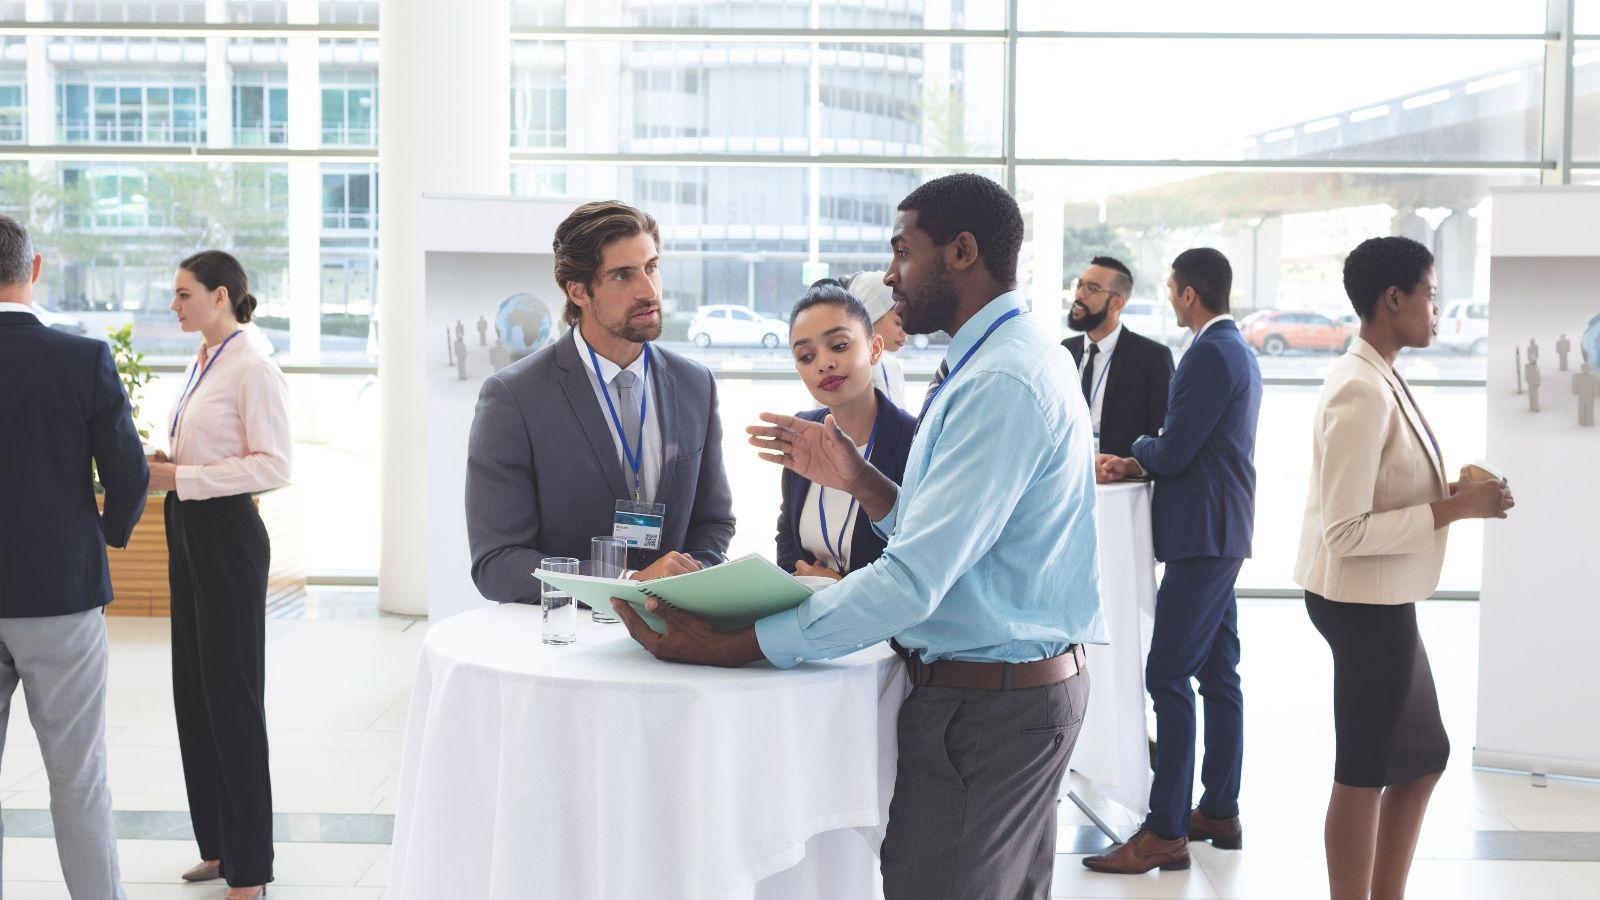 Gruppen von zwei oder drei Personen stehen in einem verglasten Raum und unterhalten sich.